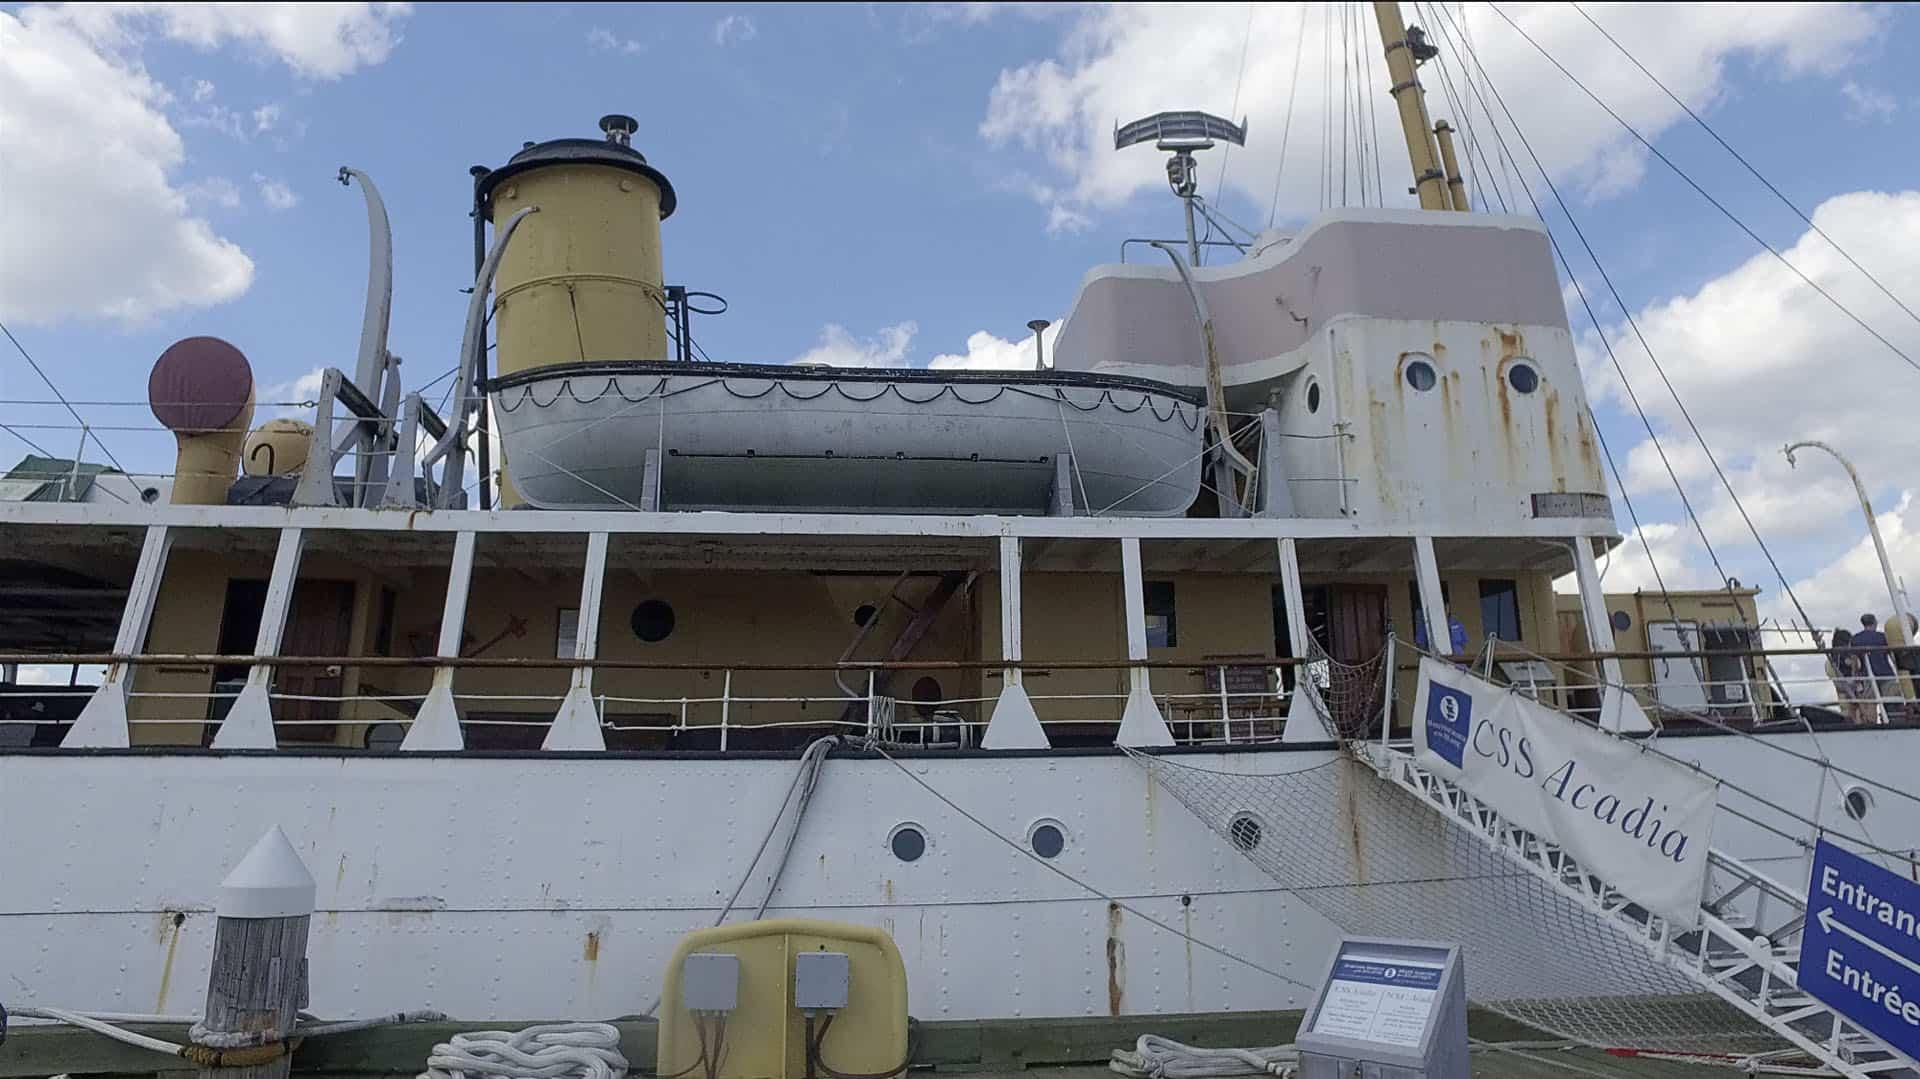 CSS Acadia in Nova Scotia